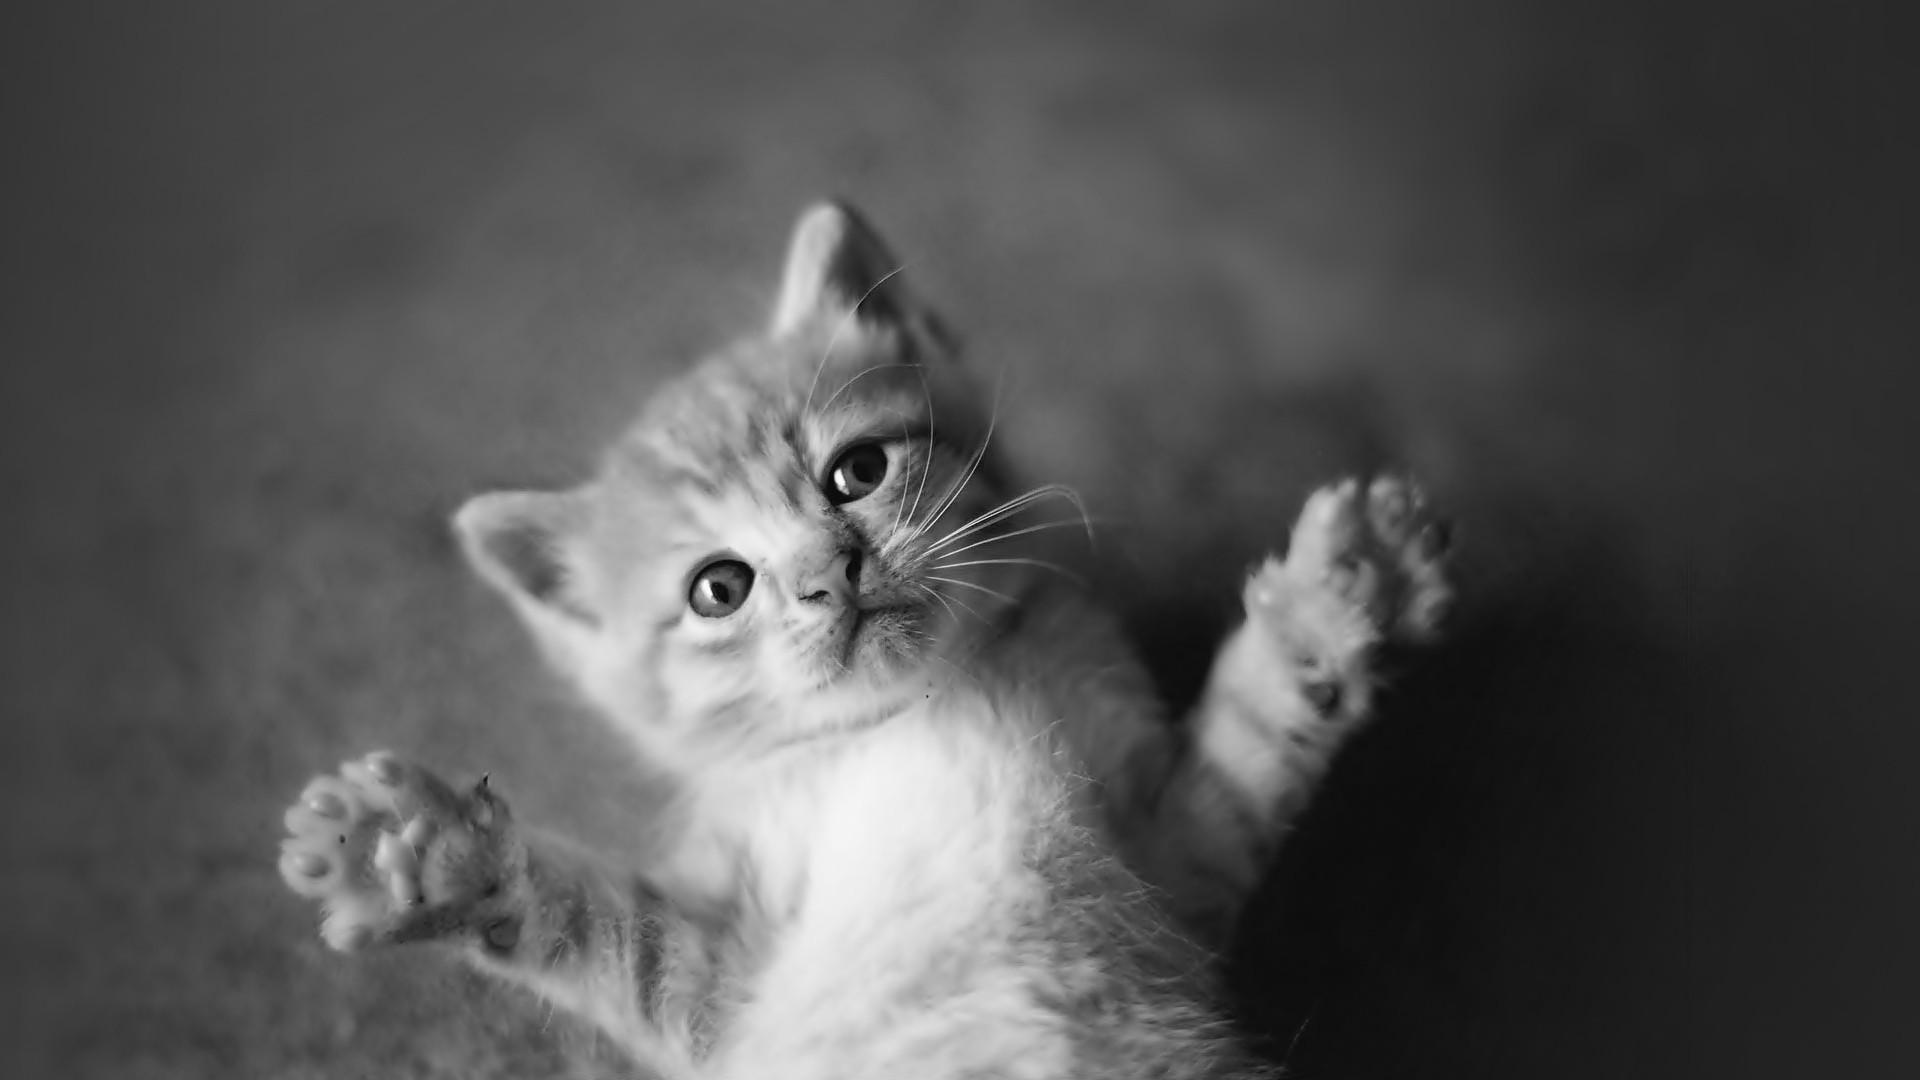 可爱猫咪与狗狗壁纸图片大全